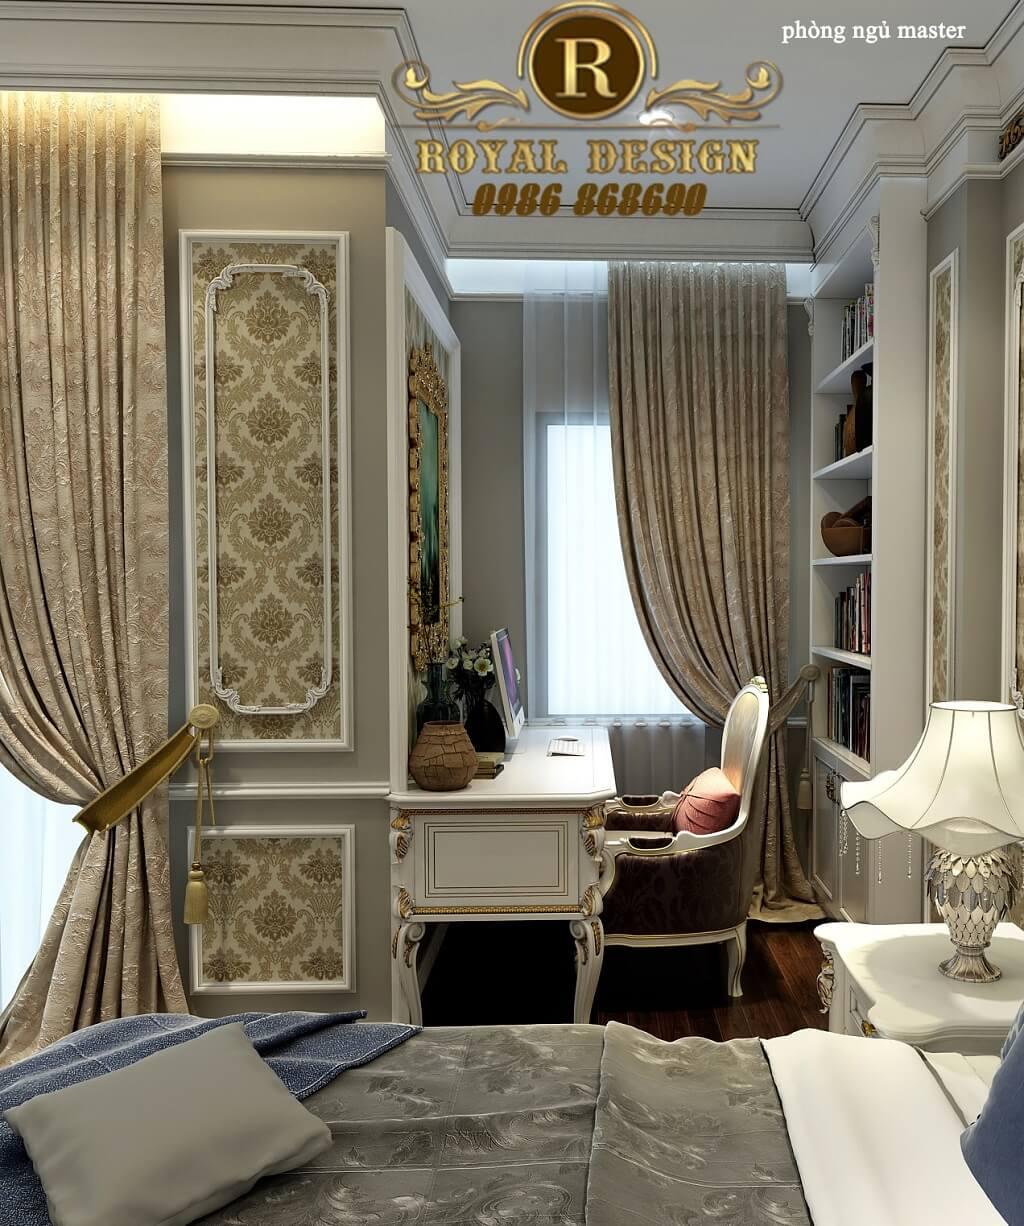 nội thất phòng ngủ cao cấp